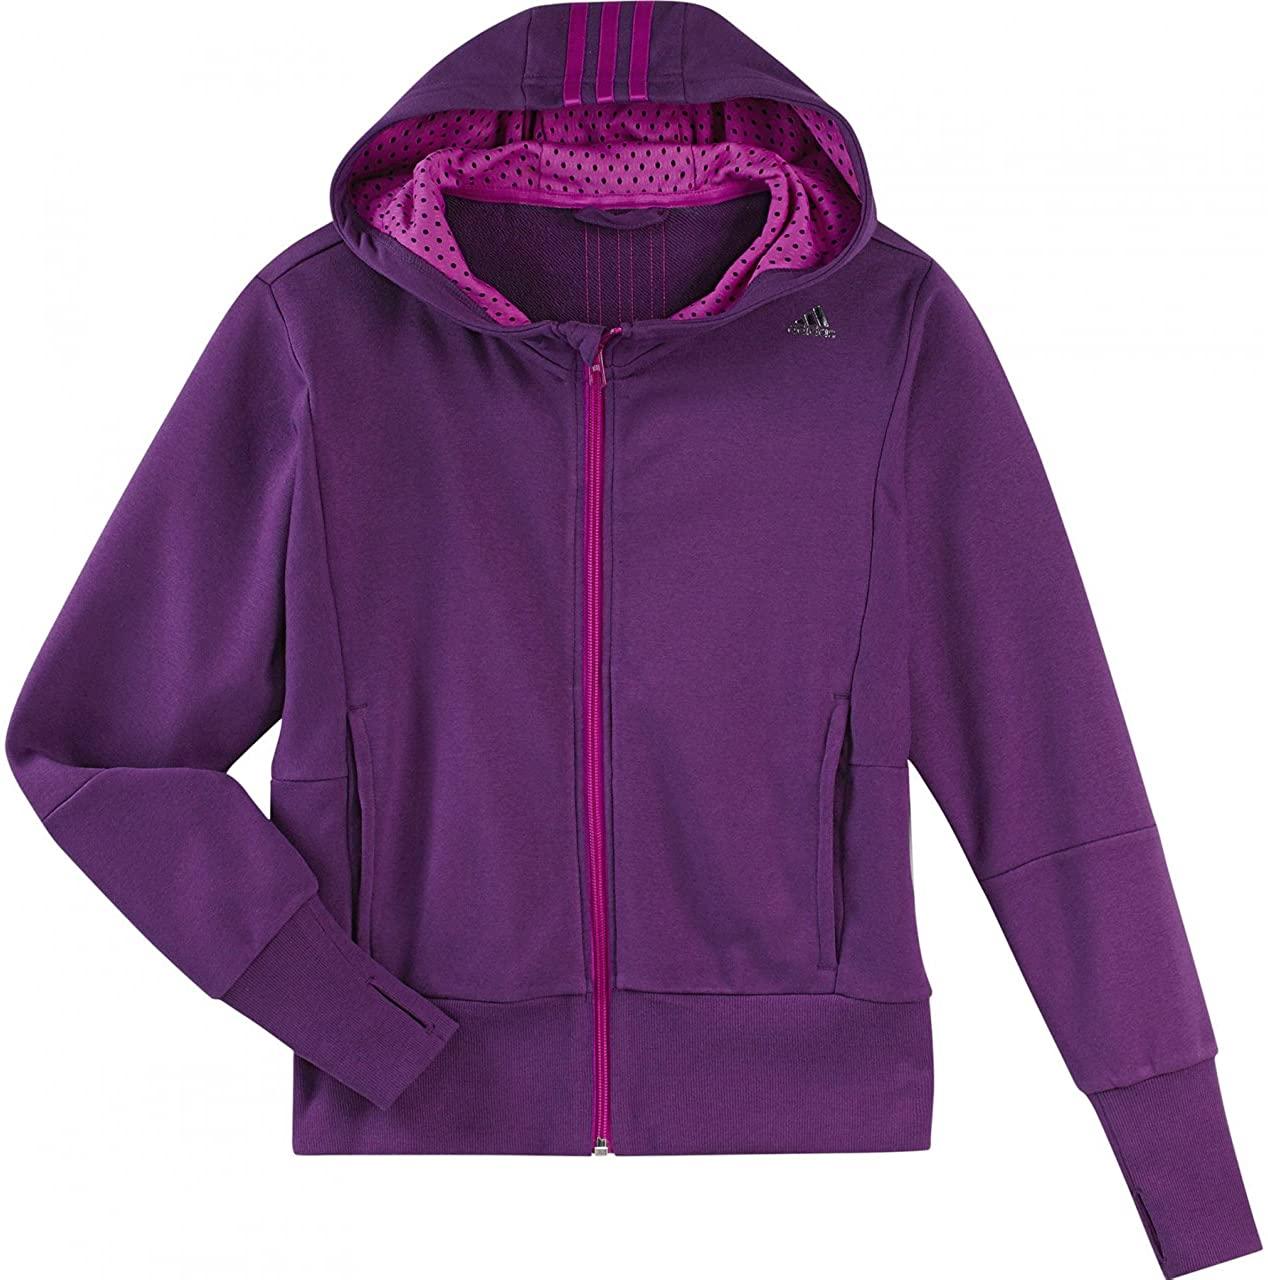 adidas Women's Sweatshirt with Hood